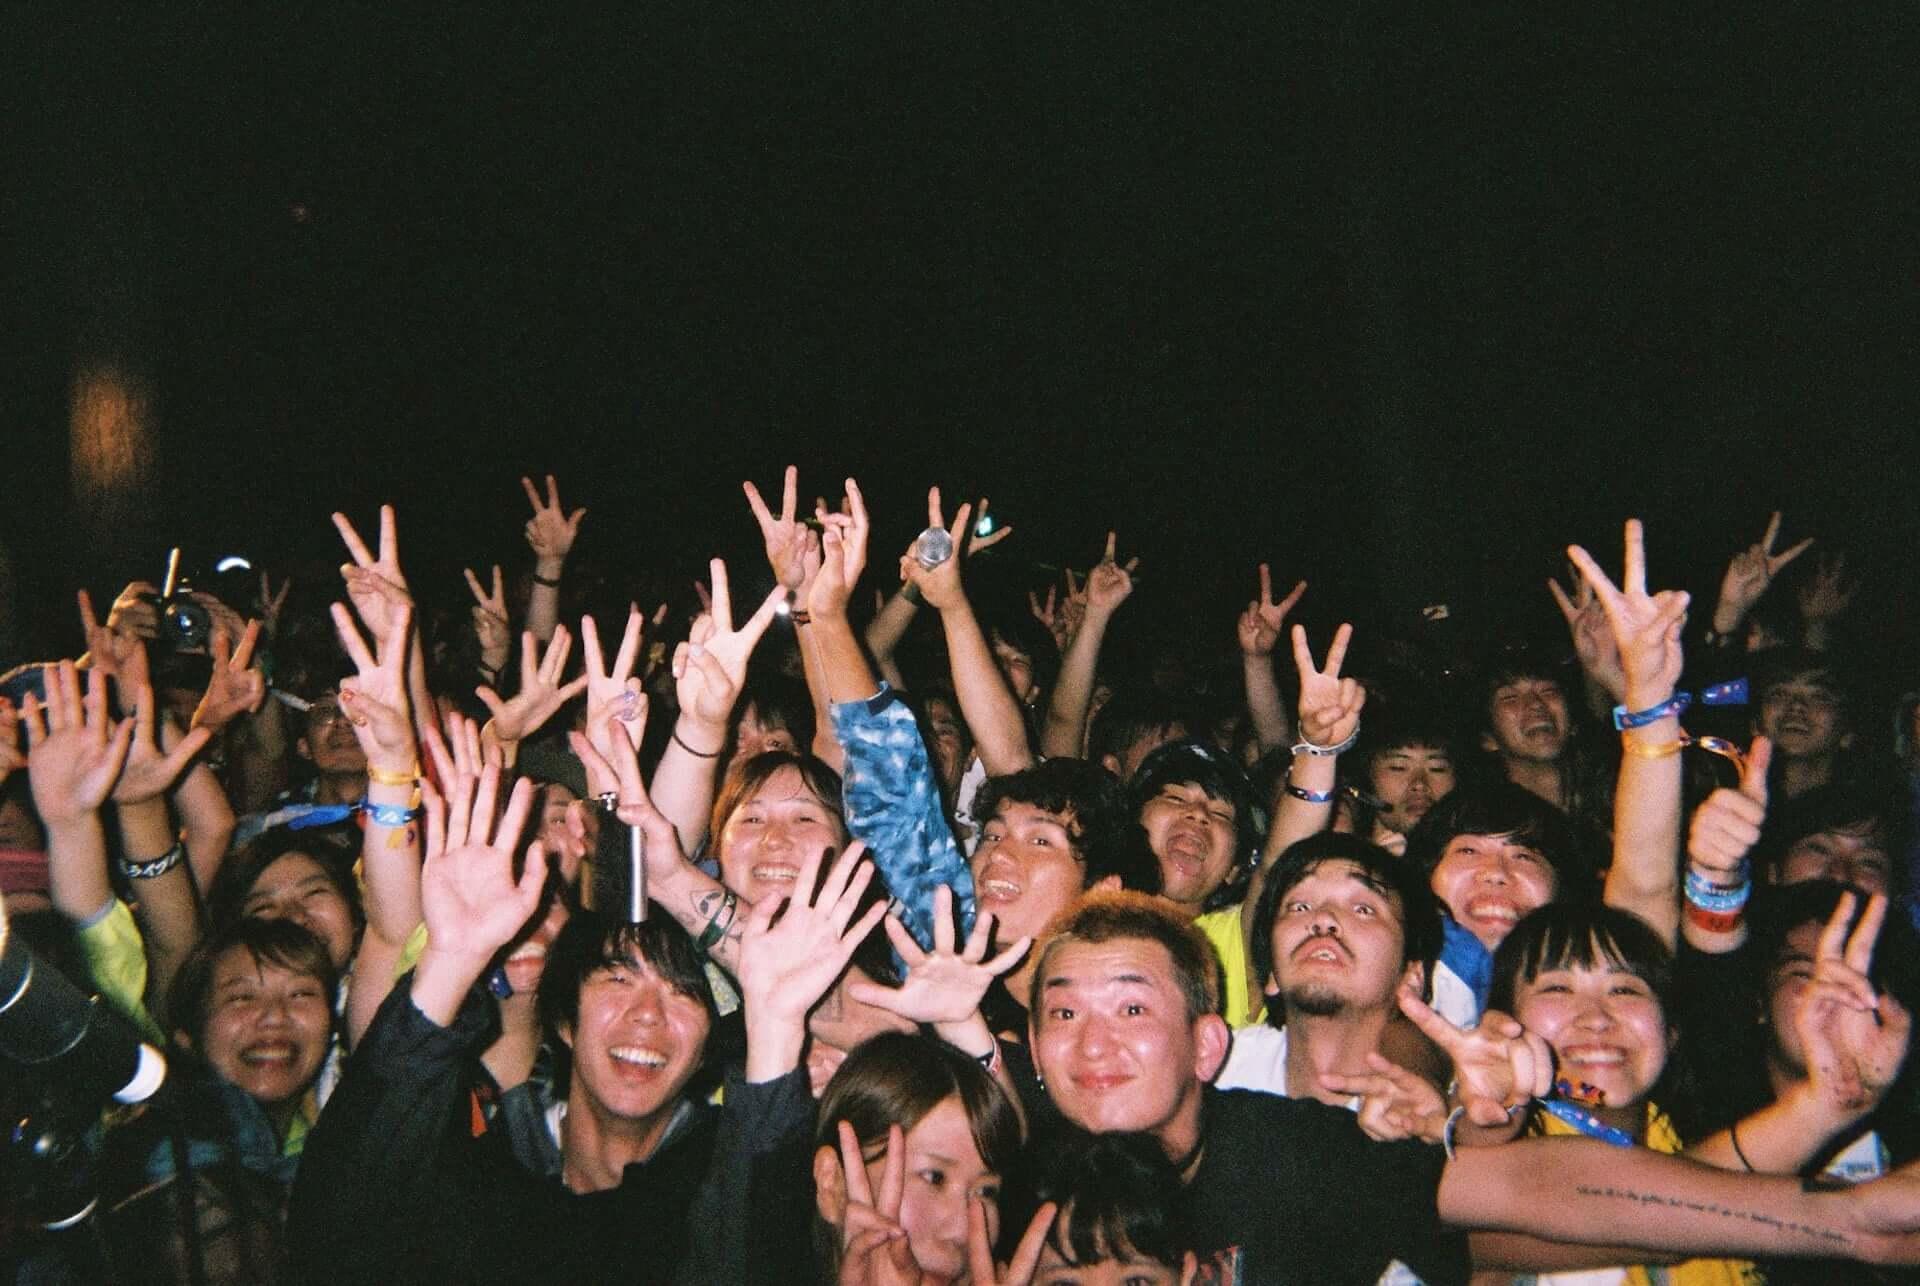 フェスレポート|TENDOUJIが切り取る<FUJI ROCK FESTIVAL'19> FH000004.jpg-1920x1286